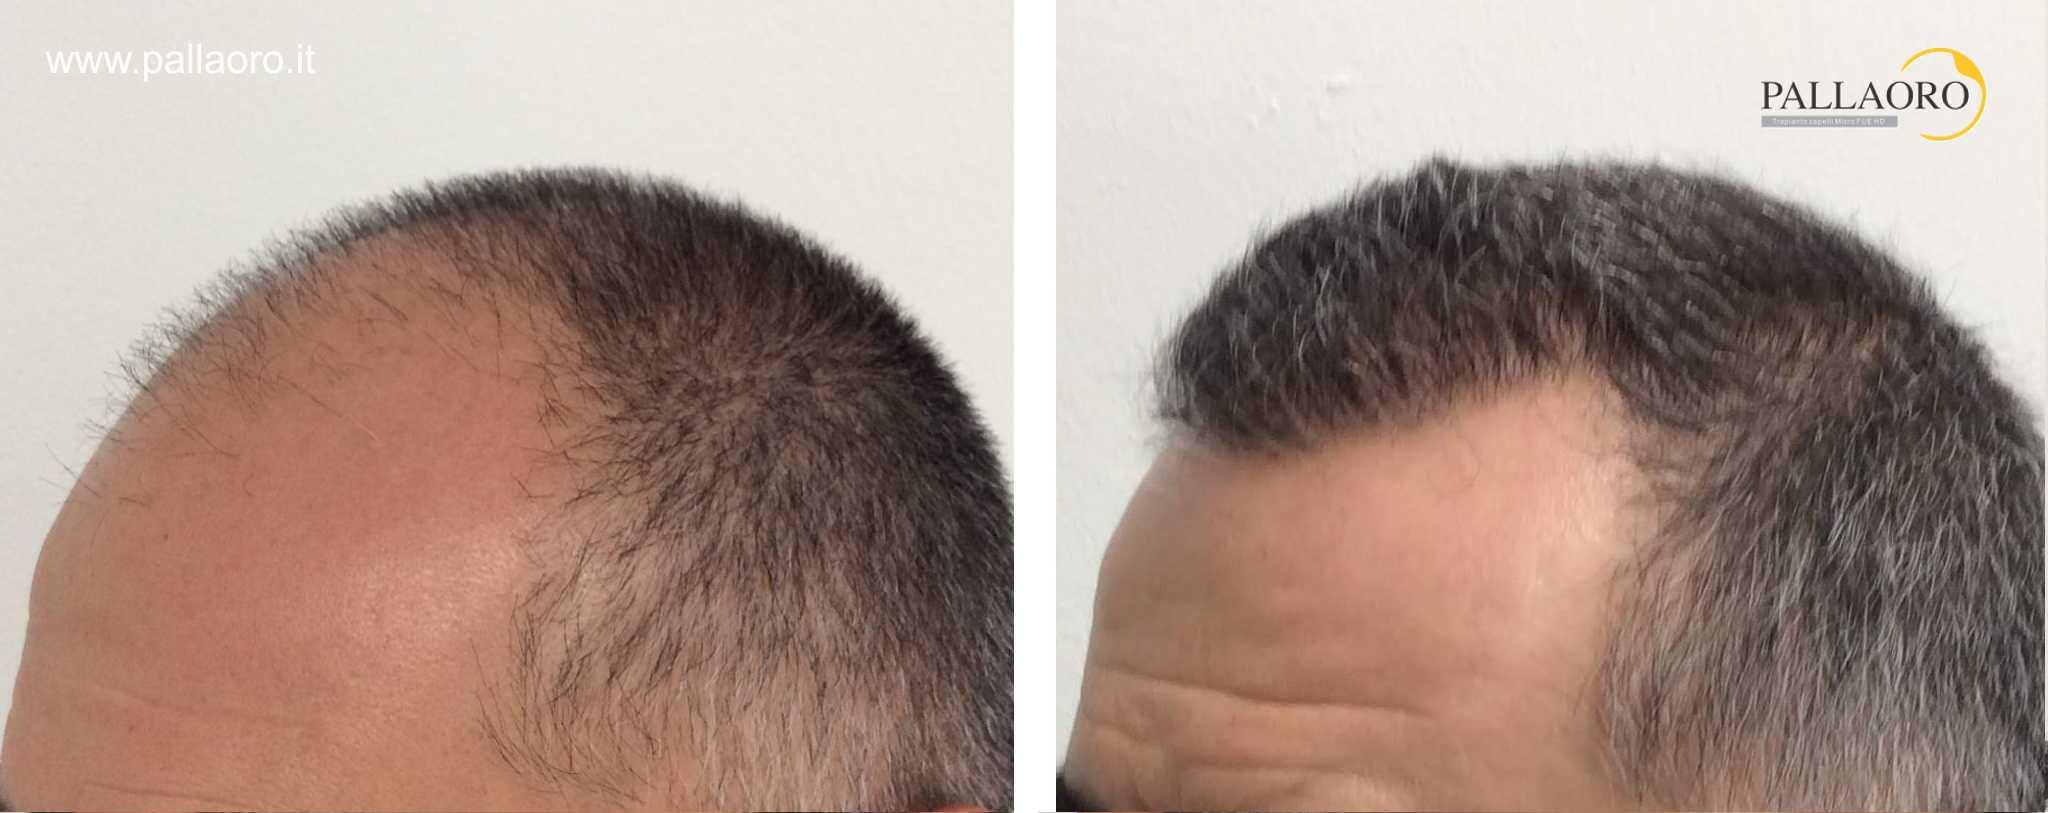 trapianto capelli 01102